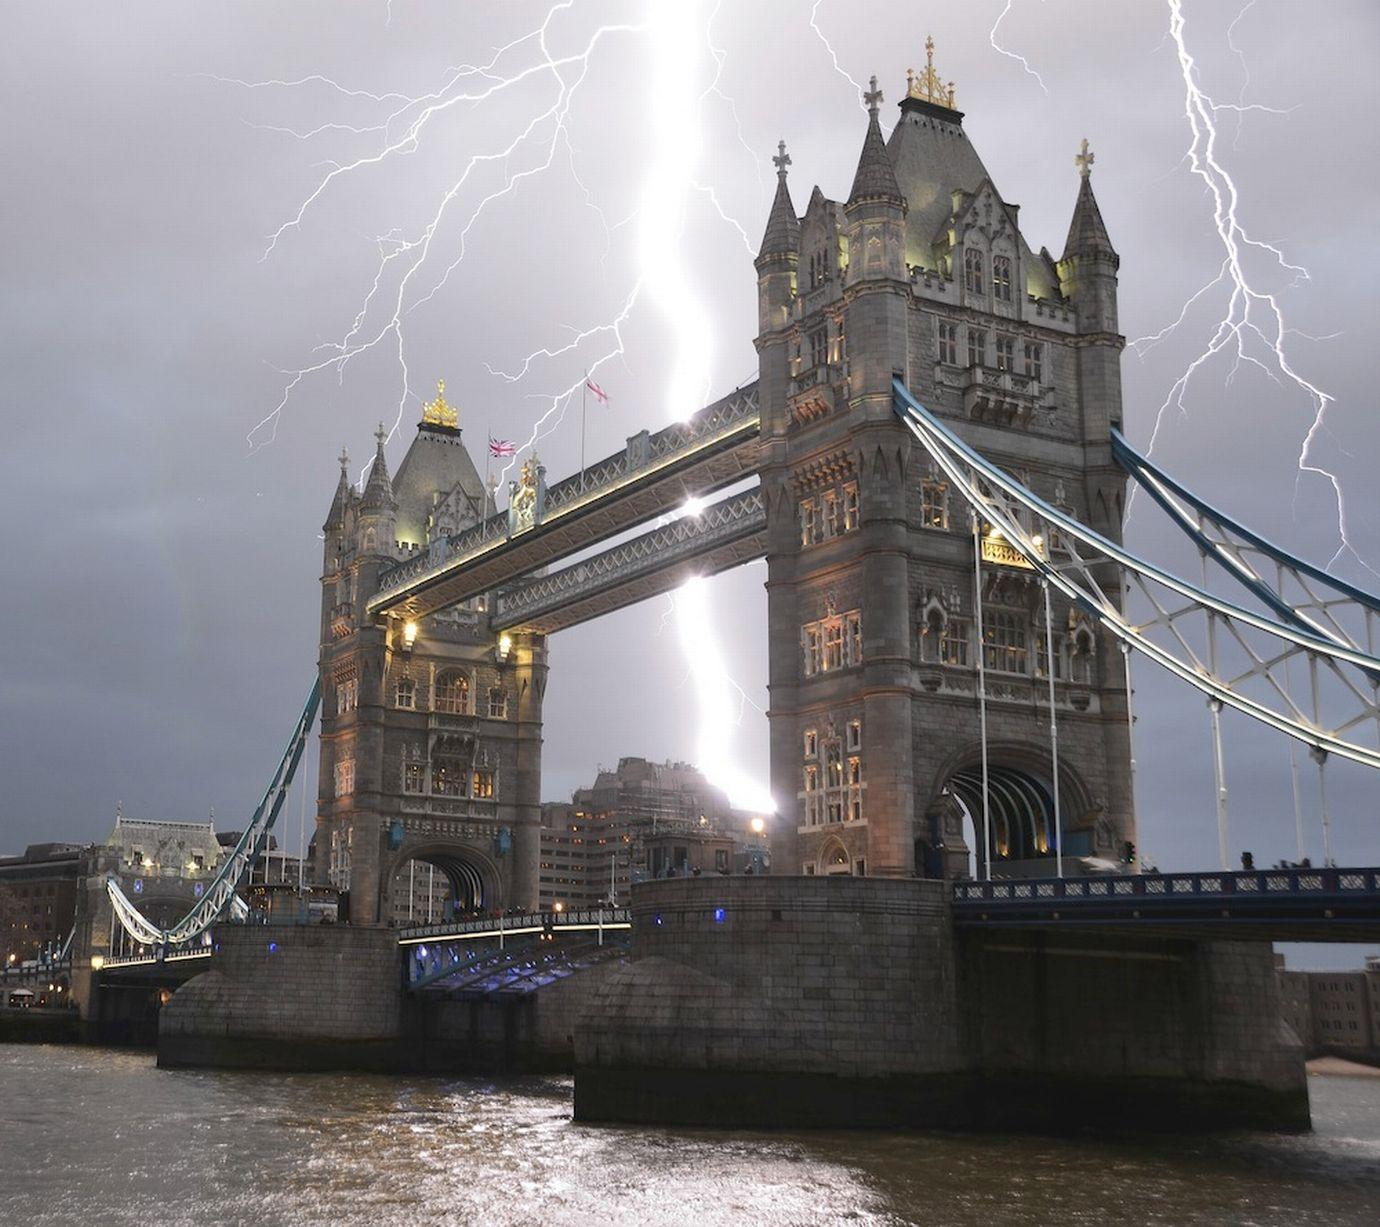 Chiêm ngưỡng 10 bức ảnh sét đánh ấn tượng nhất thế giới